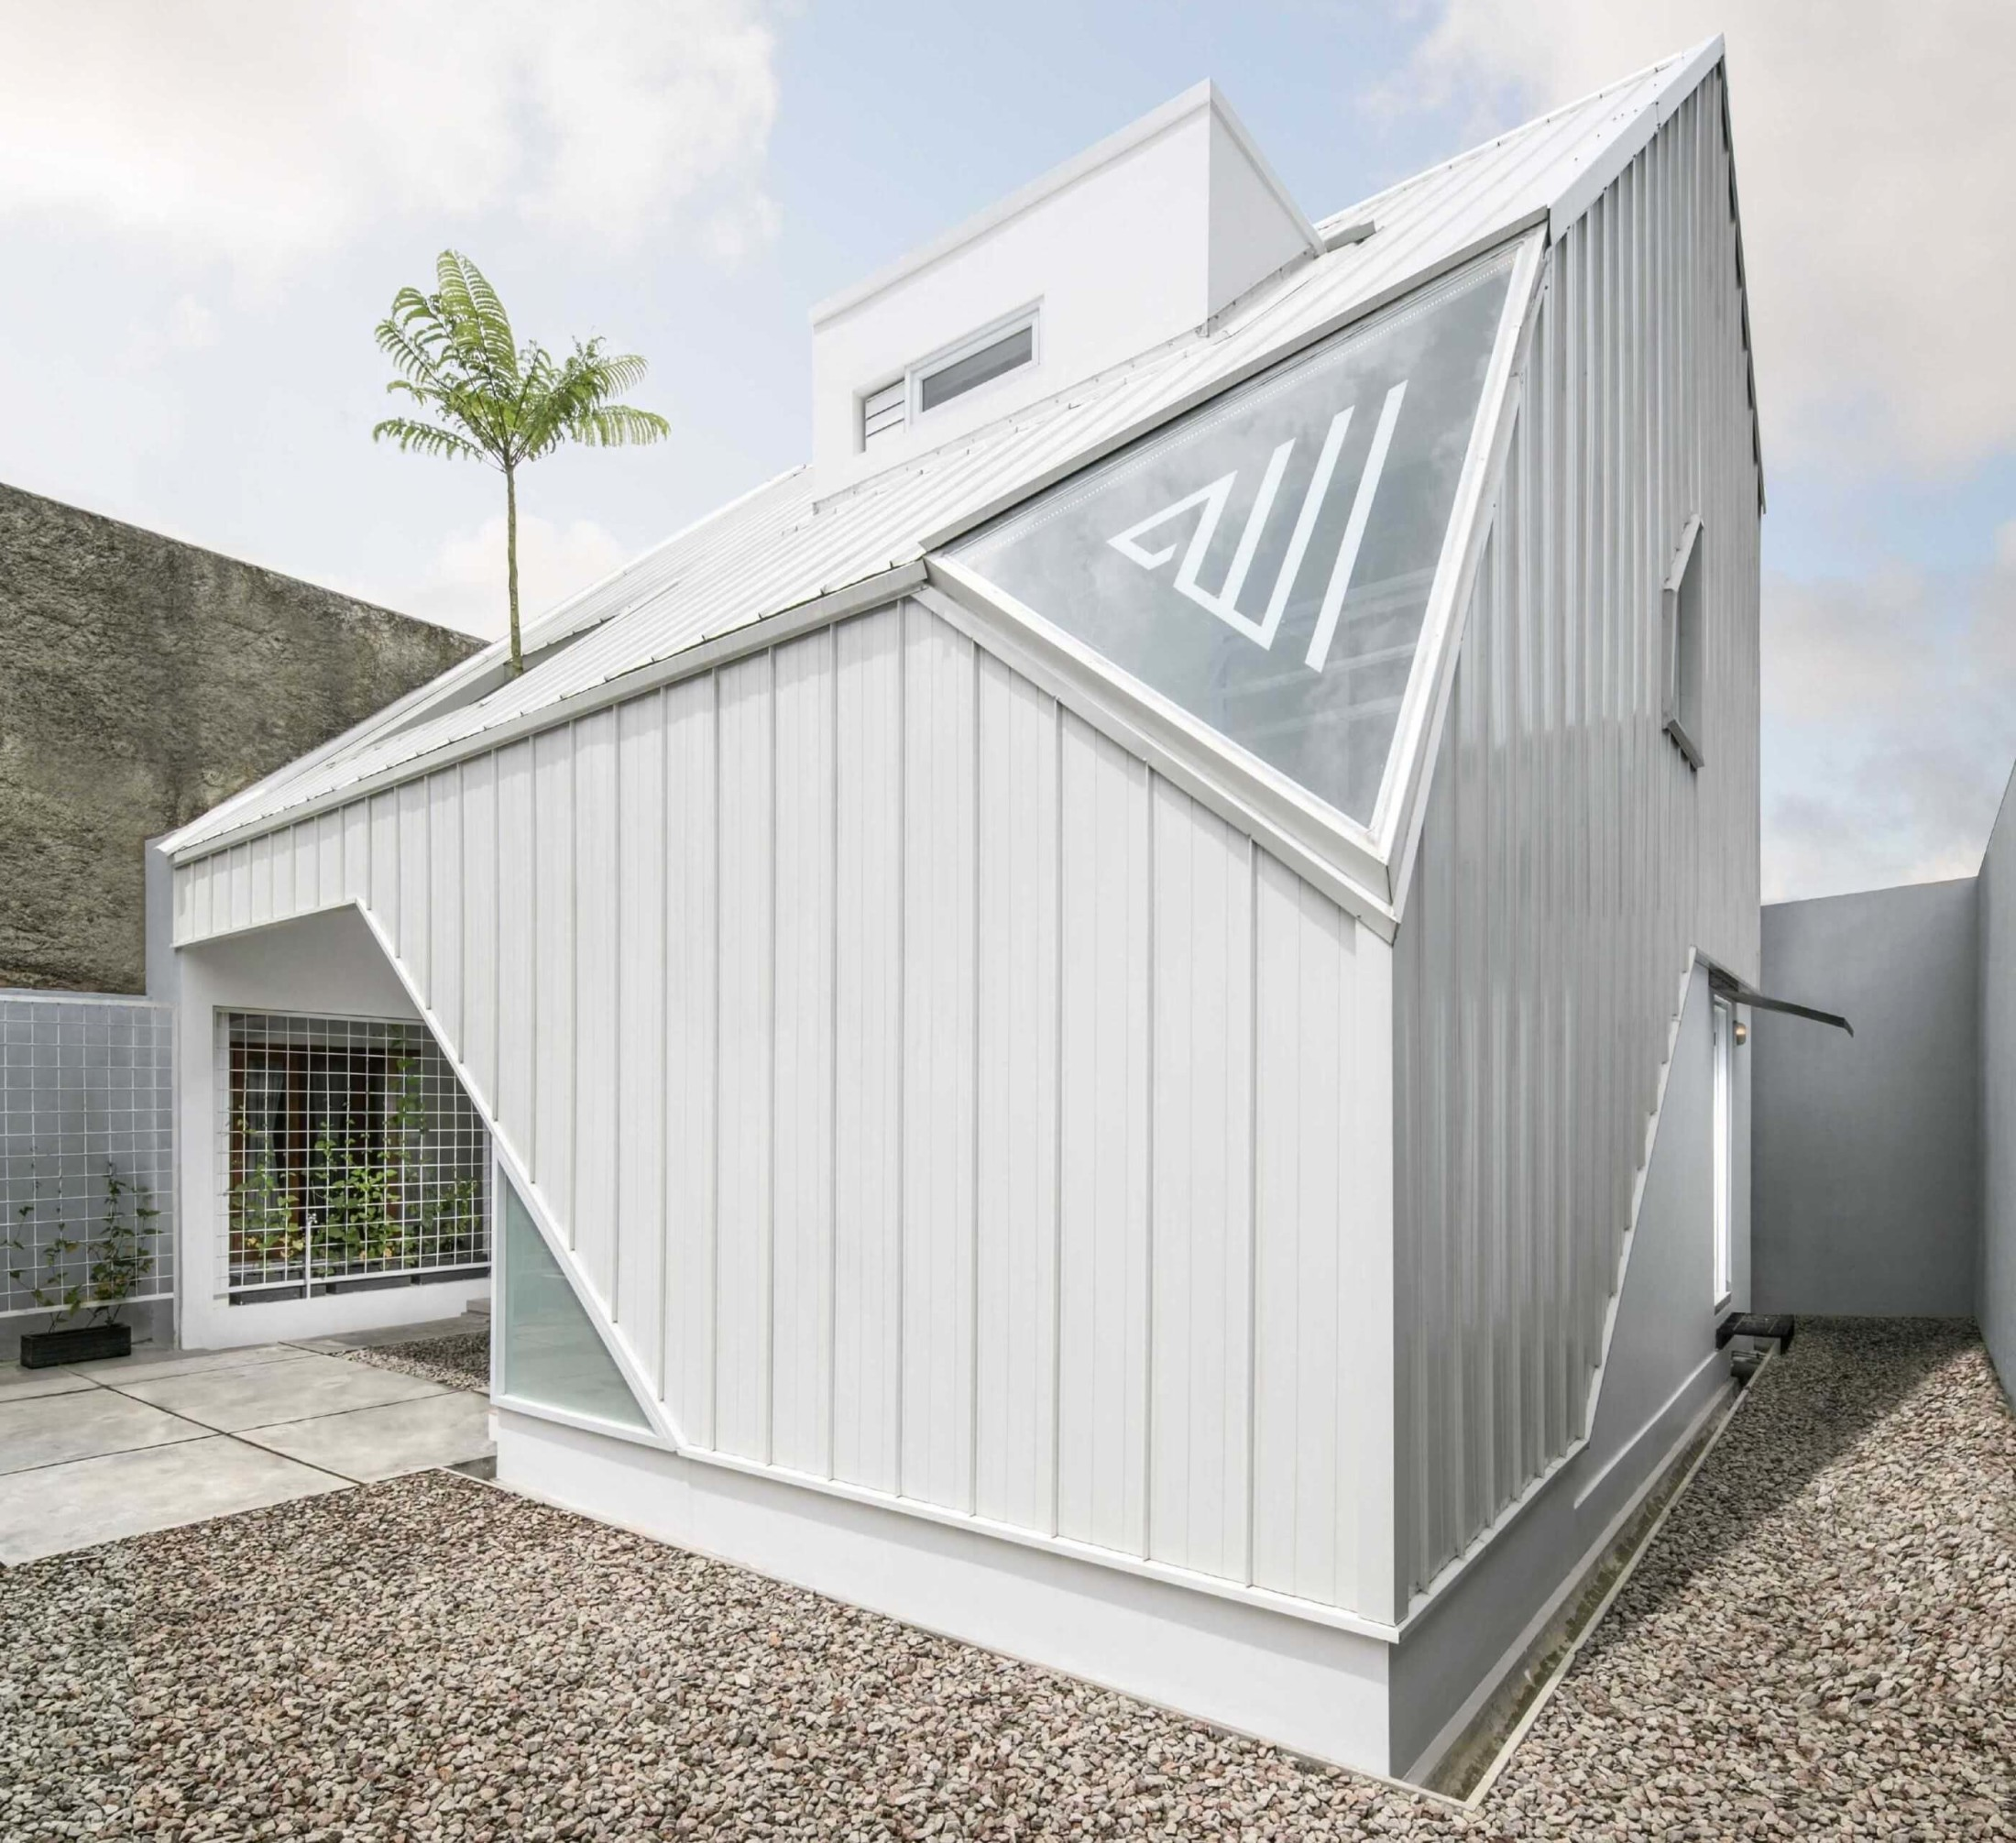 NOR House: Arsitektur Rumah Unik Bermandikan Cahaya | Foto artikel Arsitag